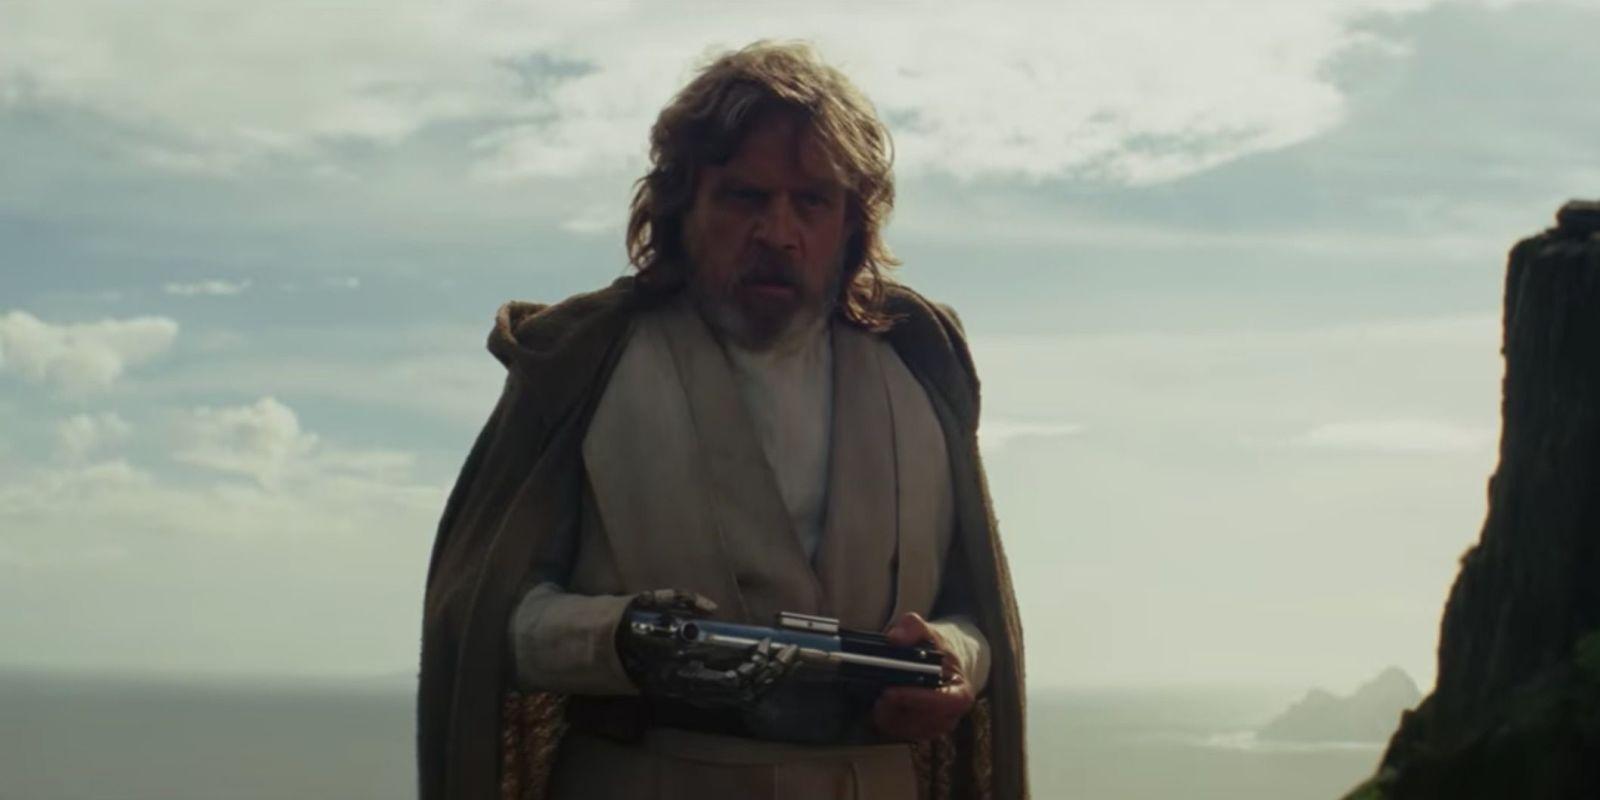 Mark Hamill trolls Star Wars fans over Luke in Episode IX